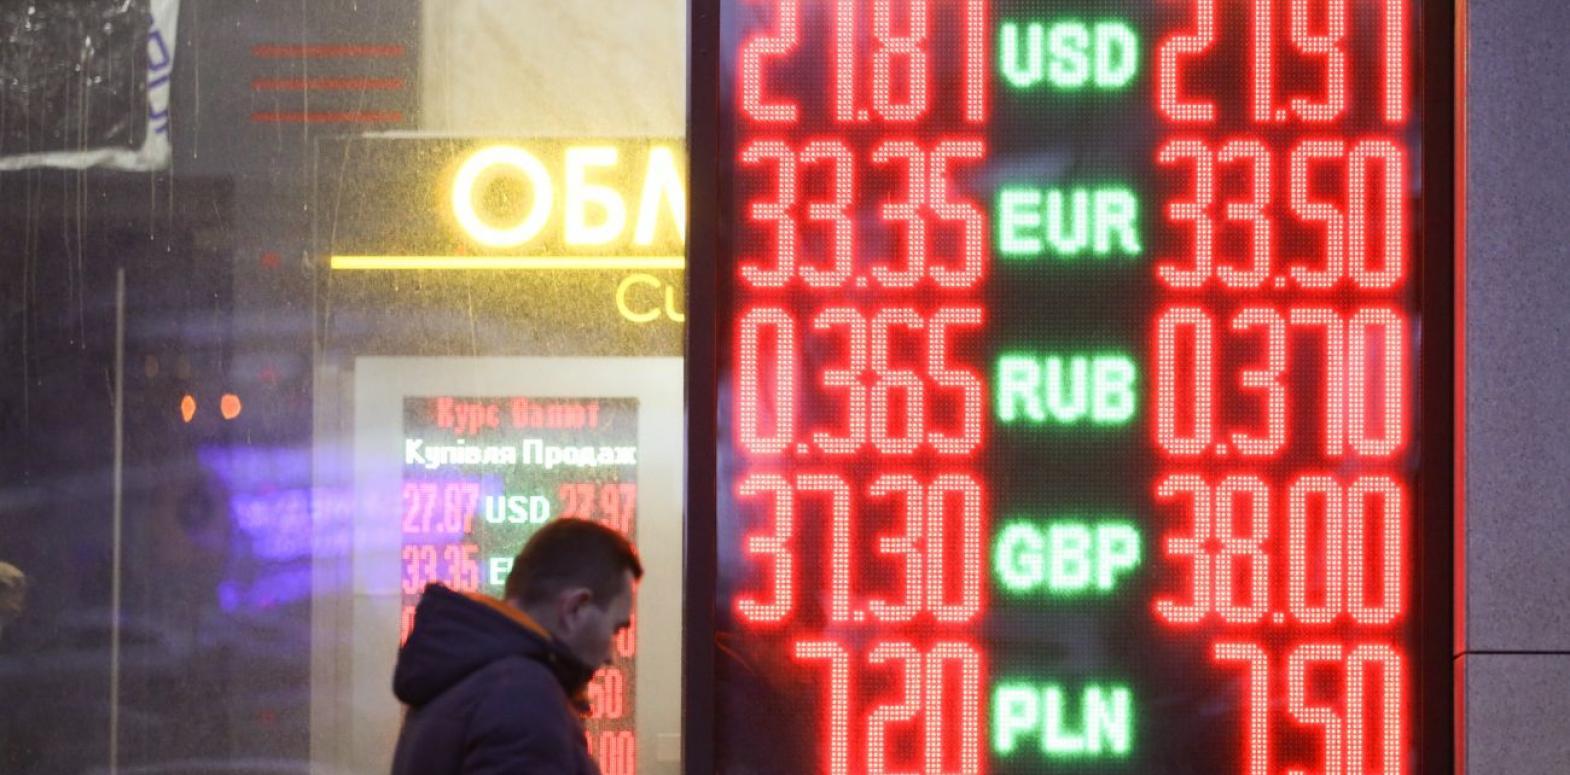 Что будет с курсом гривны в 2021 году: НБУ дал прогноз притока капитала в Украину